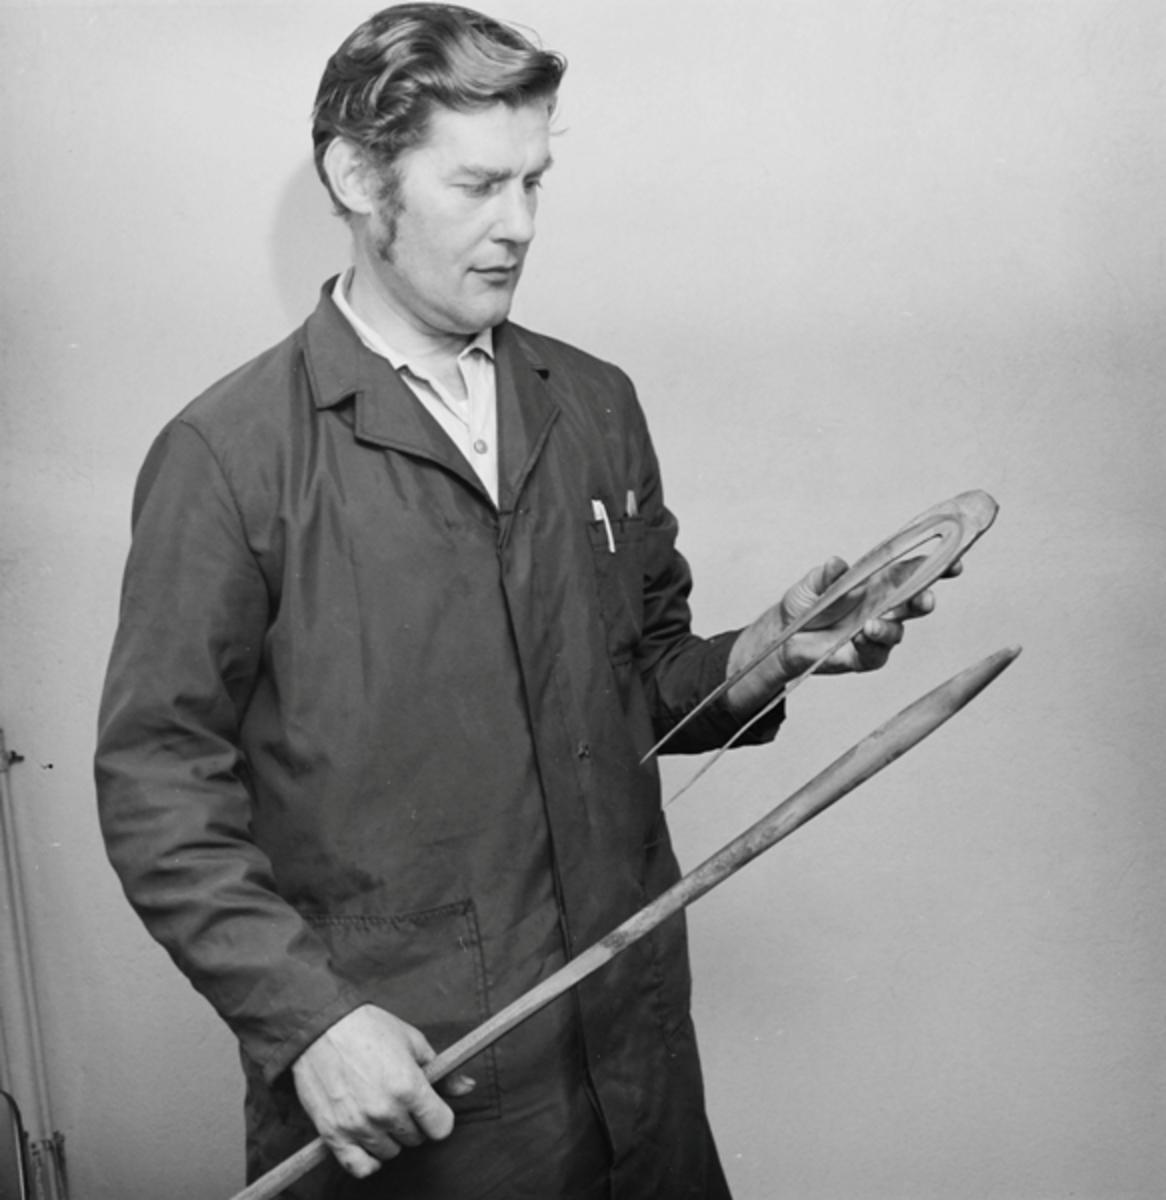 John Hjorteland, formann ved Kvernelands Fabrikk AS